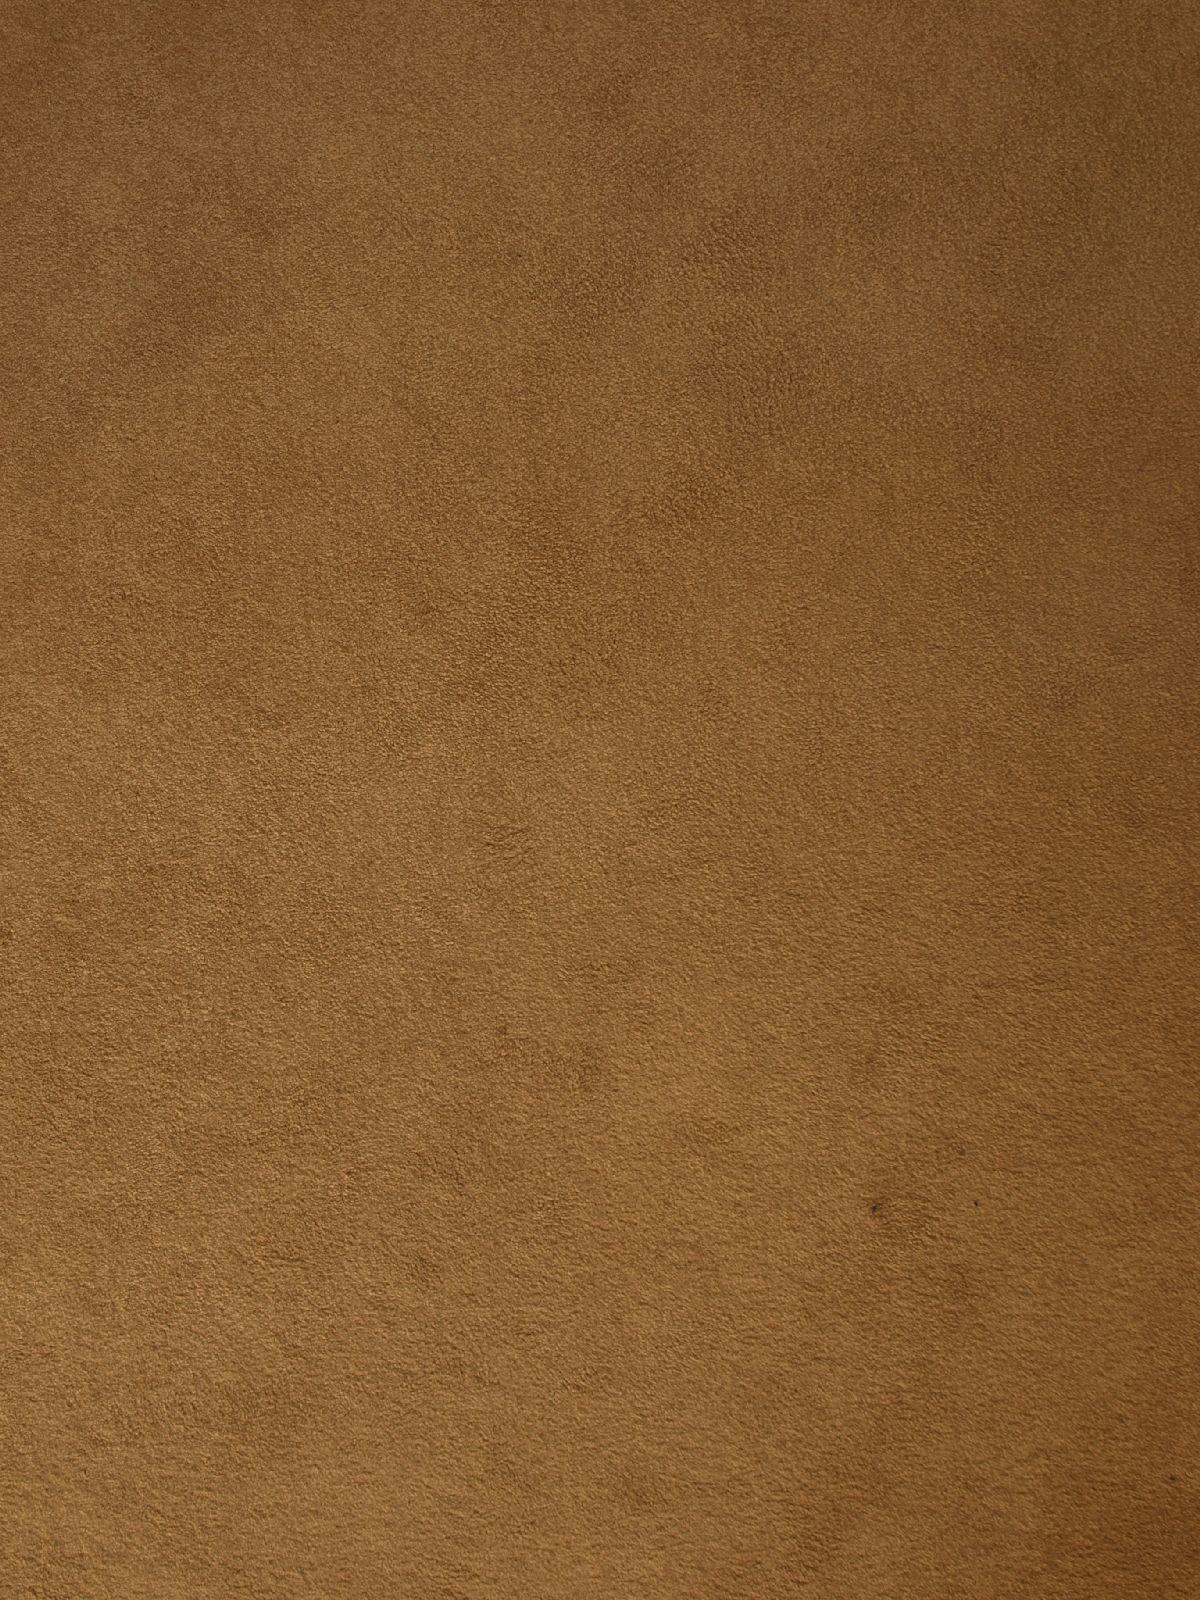 Innenraum-Material_Textur_A_P9269827